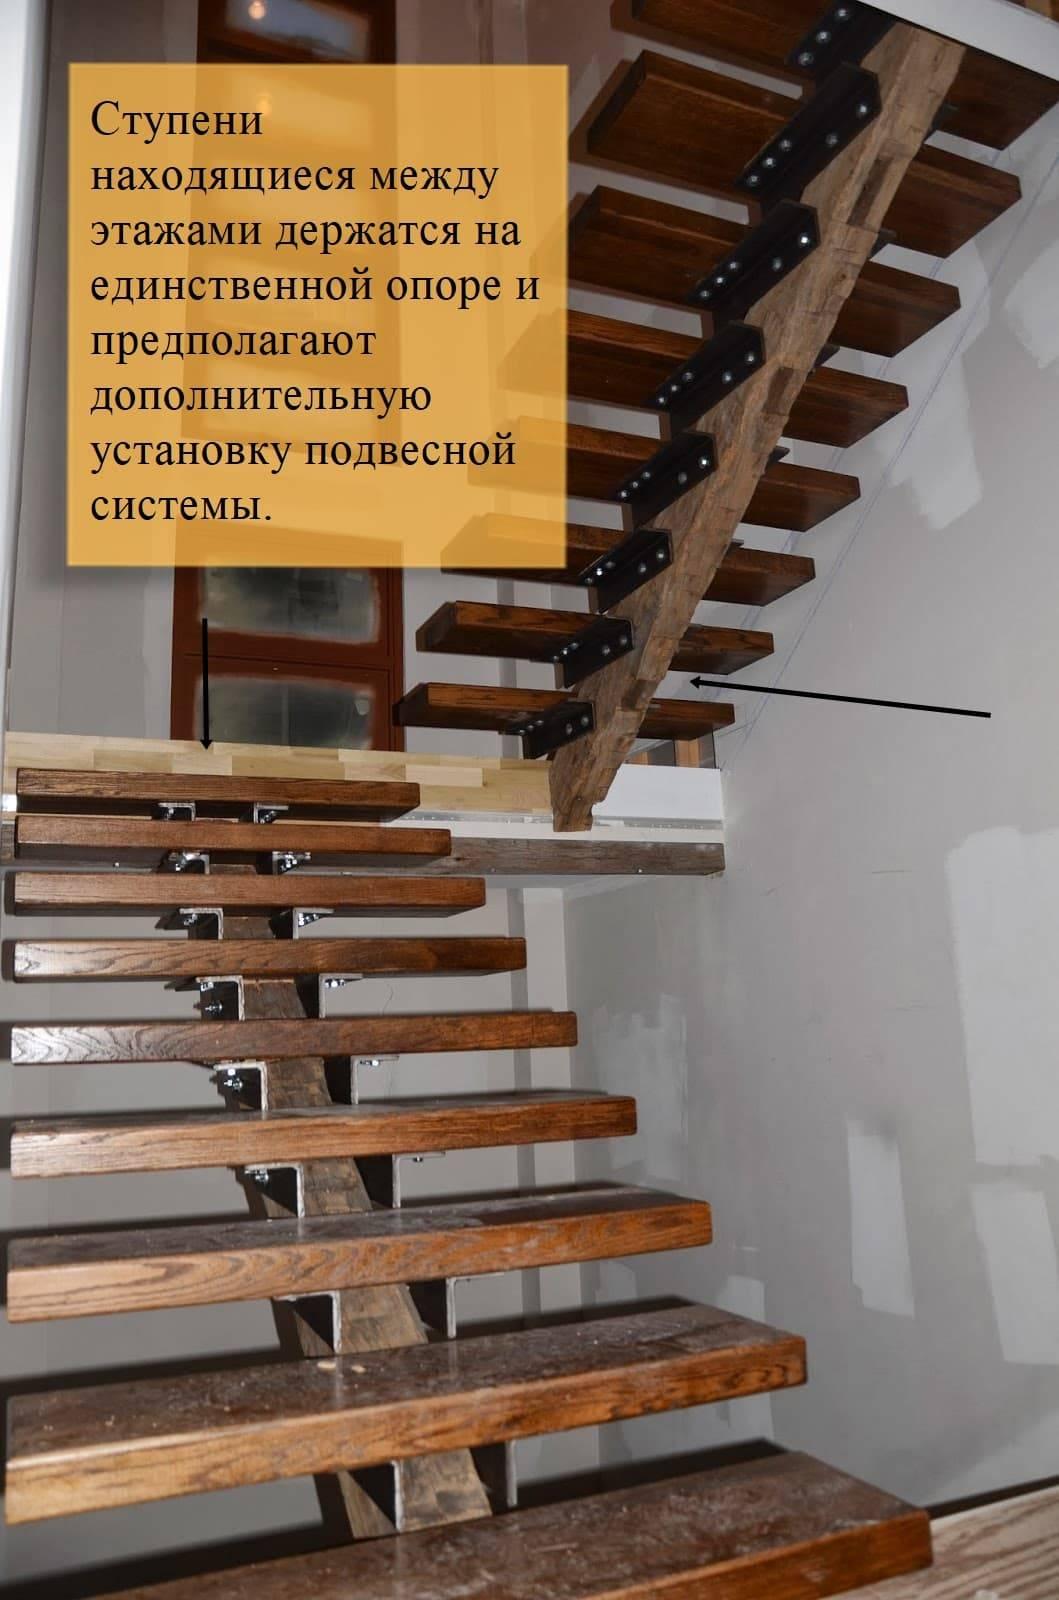 Консольная лестница: особенности конструкции и преимущества - vseolestnicah